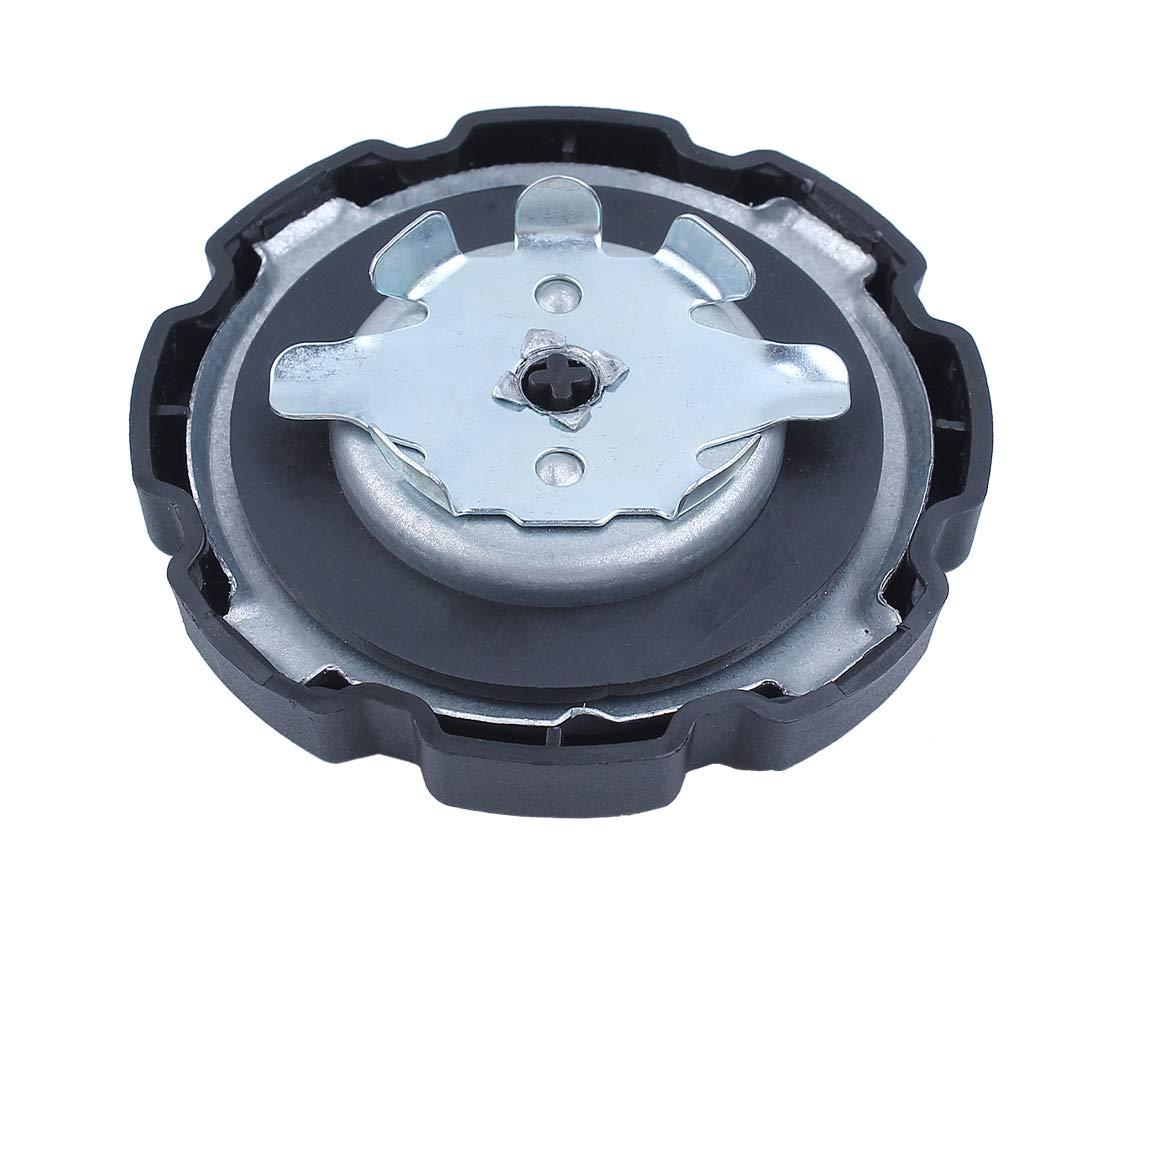 4Pcs/lot Gas Fuel Tank Cap Kit for Honda GX390 GX340 GX270 GX240 GX200 GX160 GX120 168F Gasoline Engine Lawnmower Generator Haishine